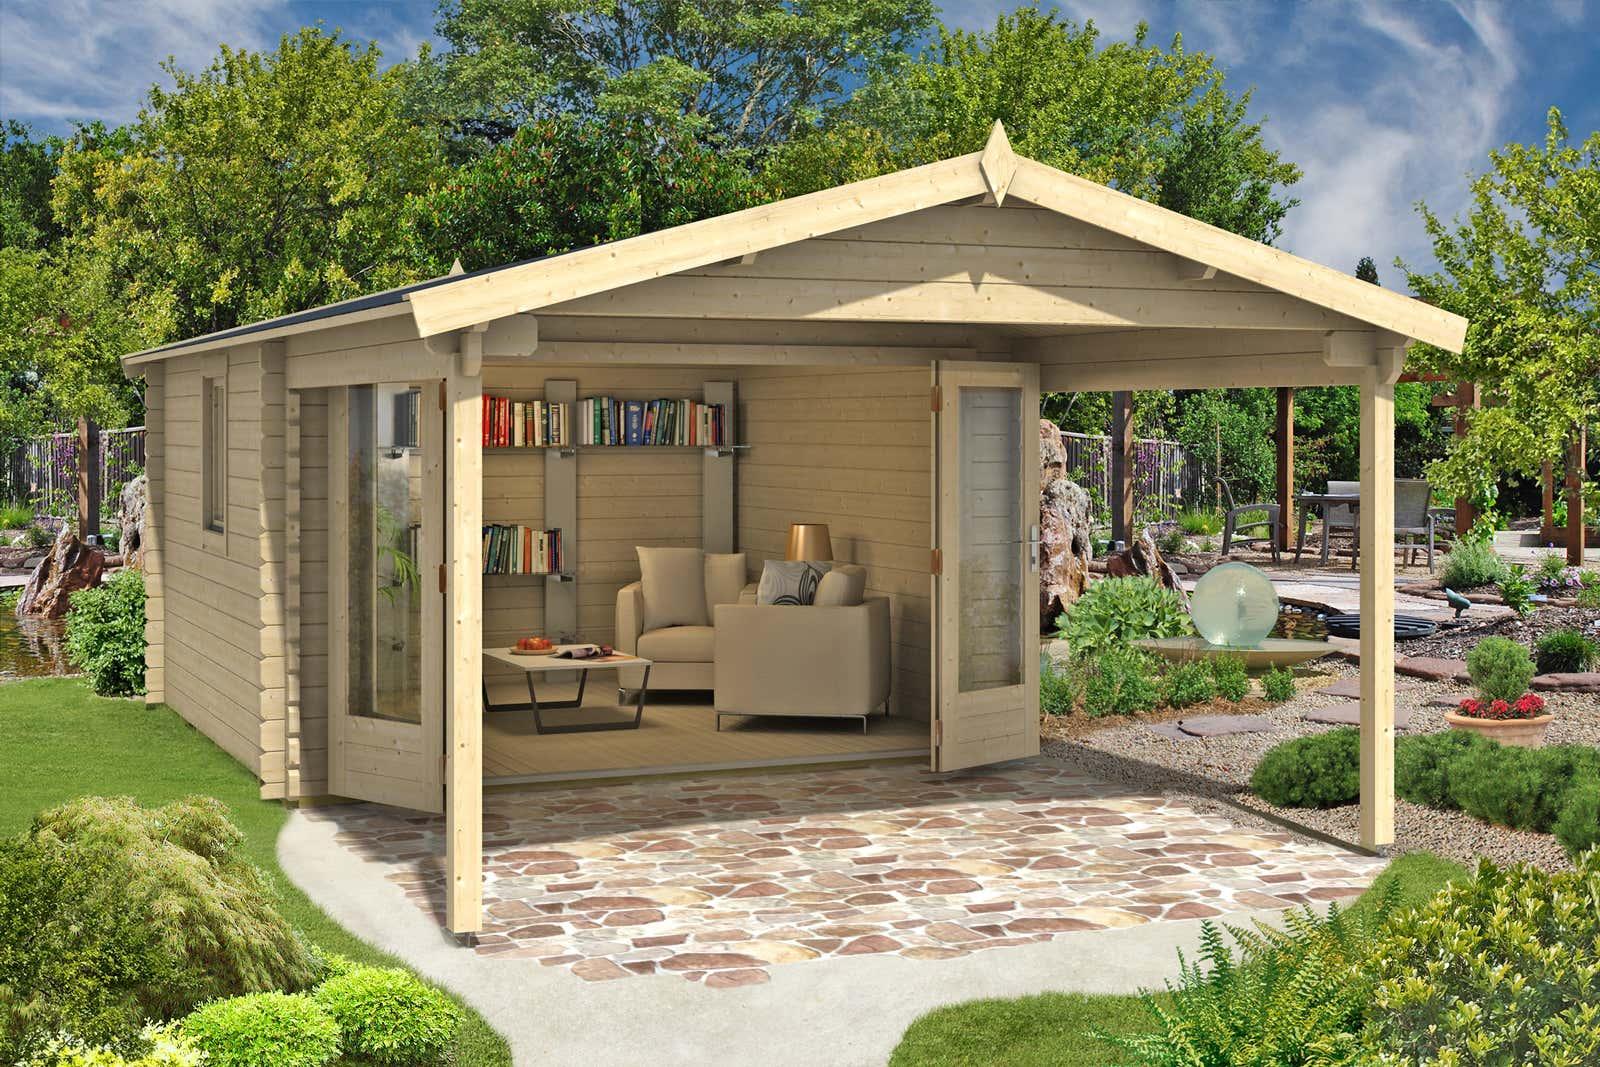 gartenhaus spessart 44 iso mit faltt ren gartenhaus spessart 44 iso mit faltt ren a z. Black Bedroom Furniture Sets. Home Design Ideas